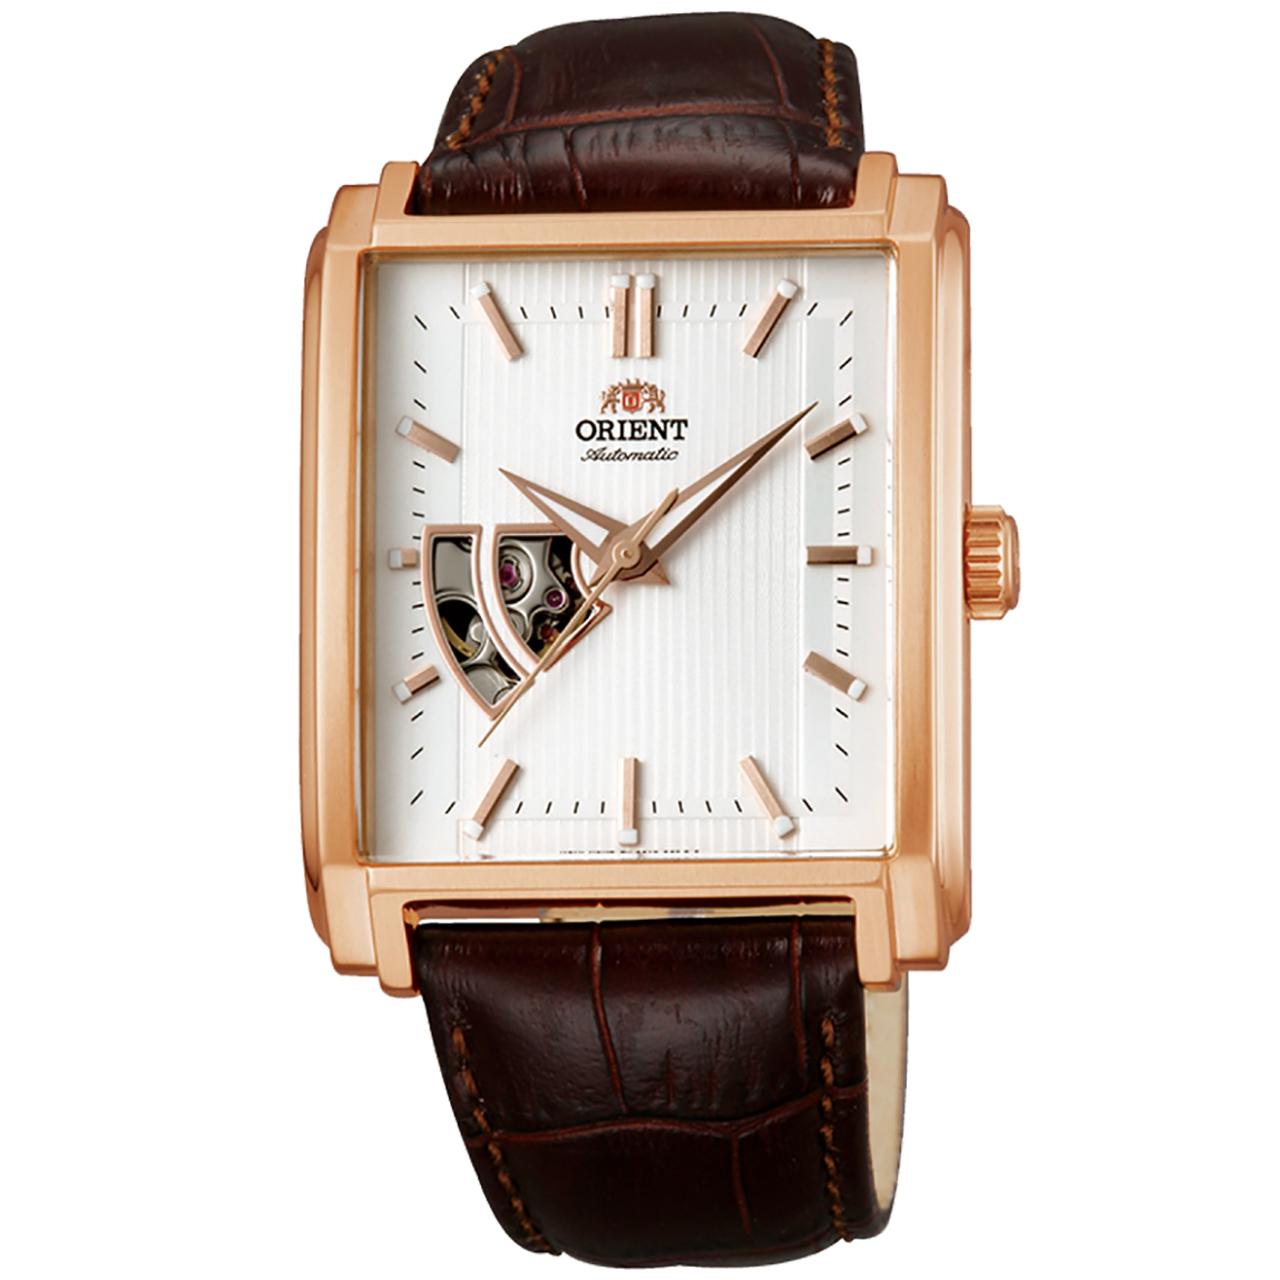 ساعت مچی عقربه ای مردانه اورینت مدل SDBAD002W0